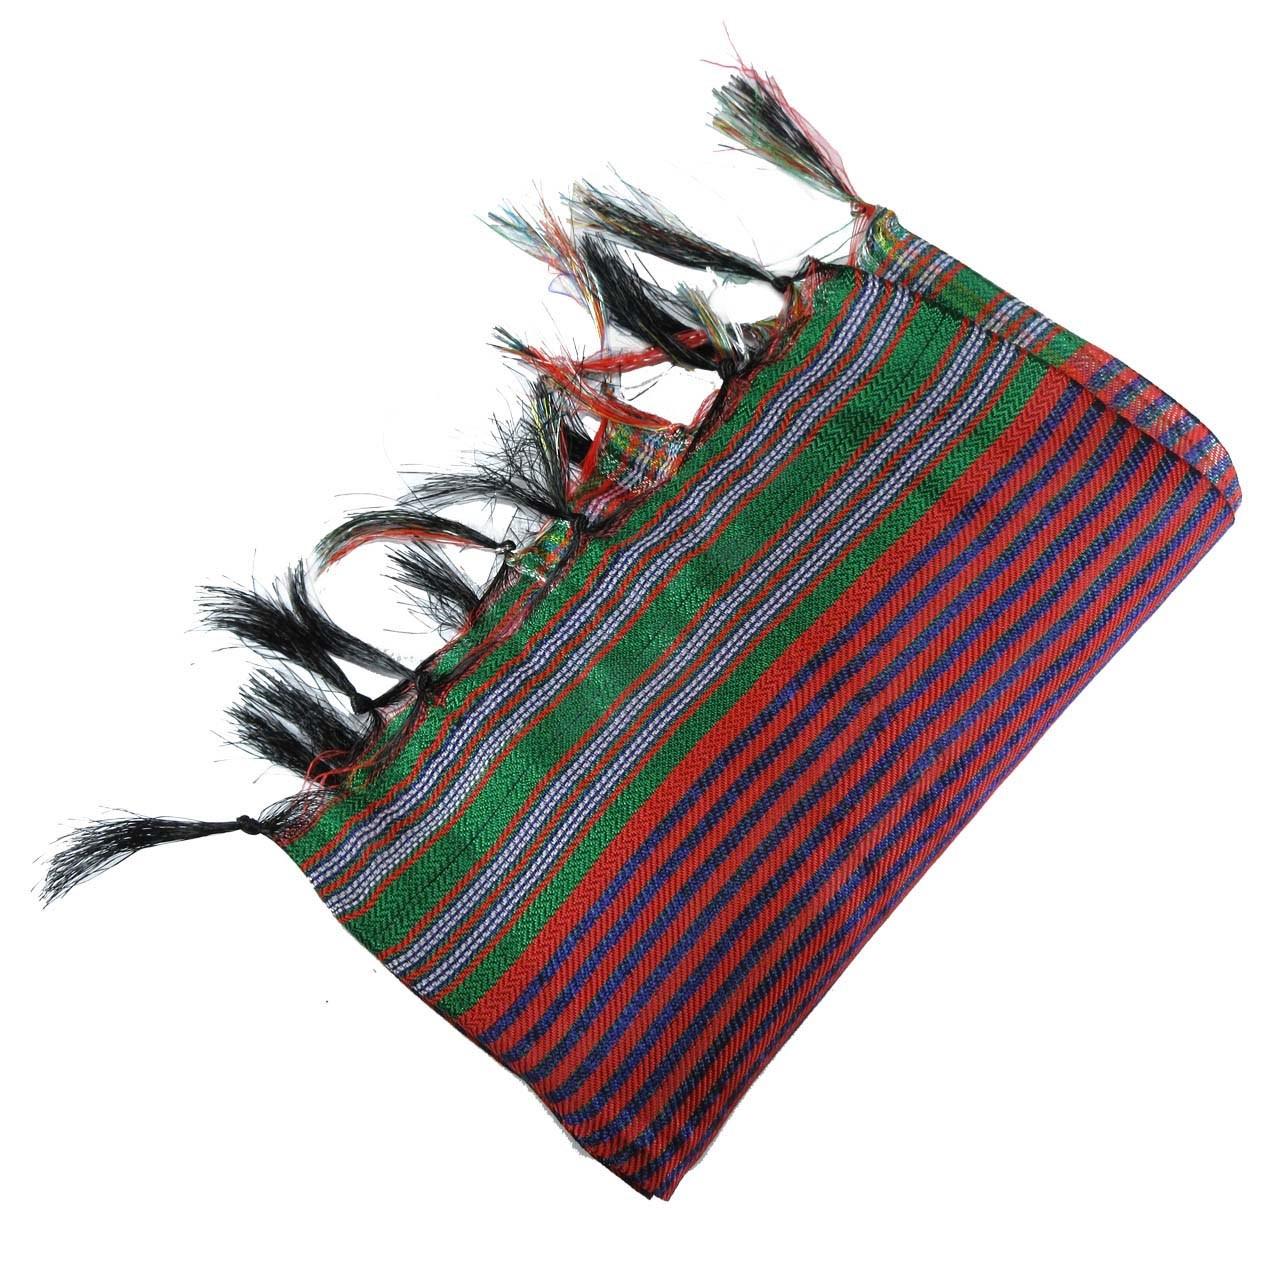 خرید                                     دستمال یزدی کوه شاپ سایز بزرگ